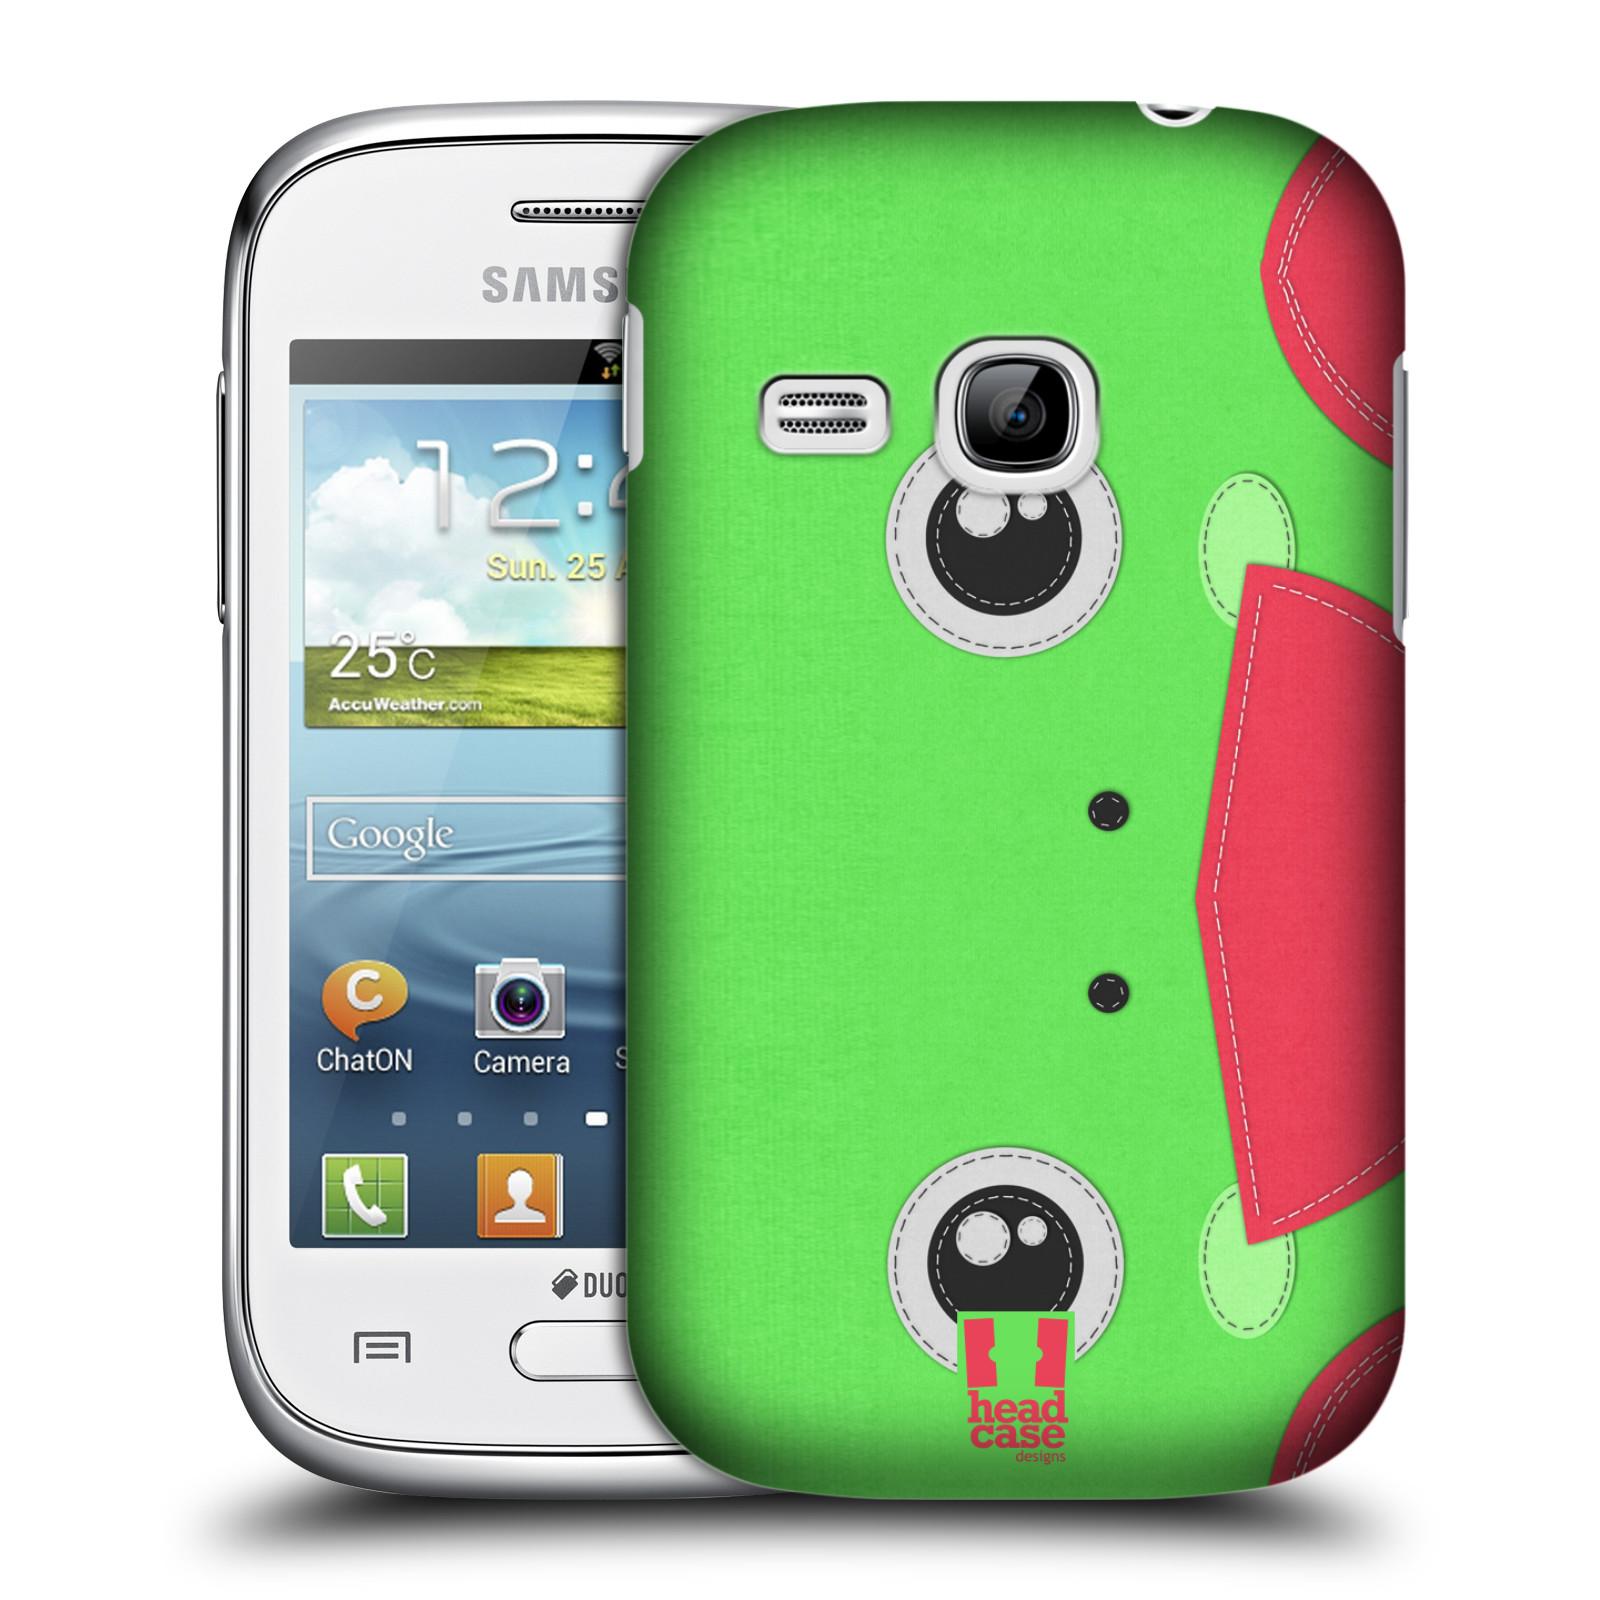 Pouzdro A Obal Na Mobil Head Case Plastov Samsung S6310 Galaxy Young New Vzor Zvec Nivka Ba